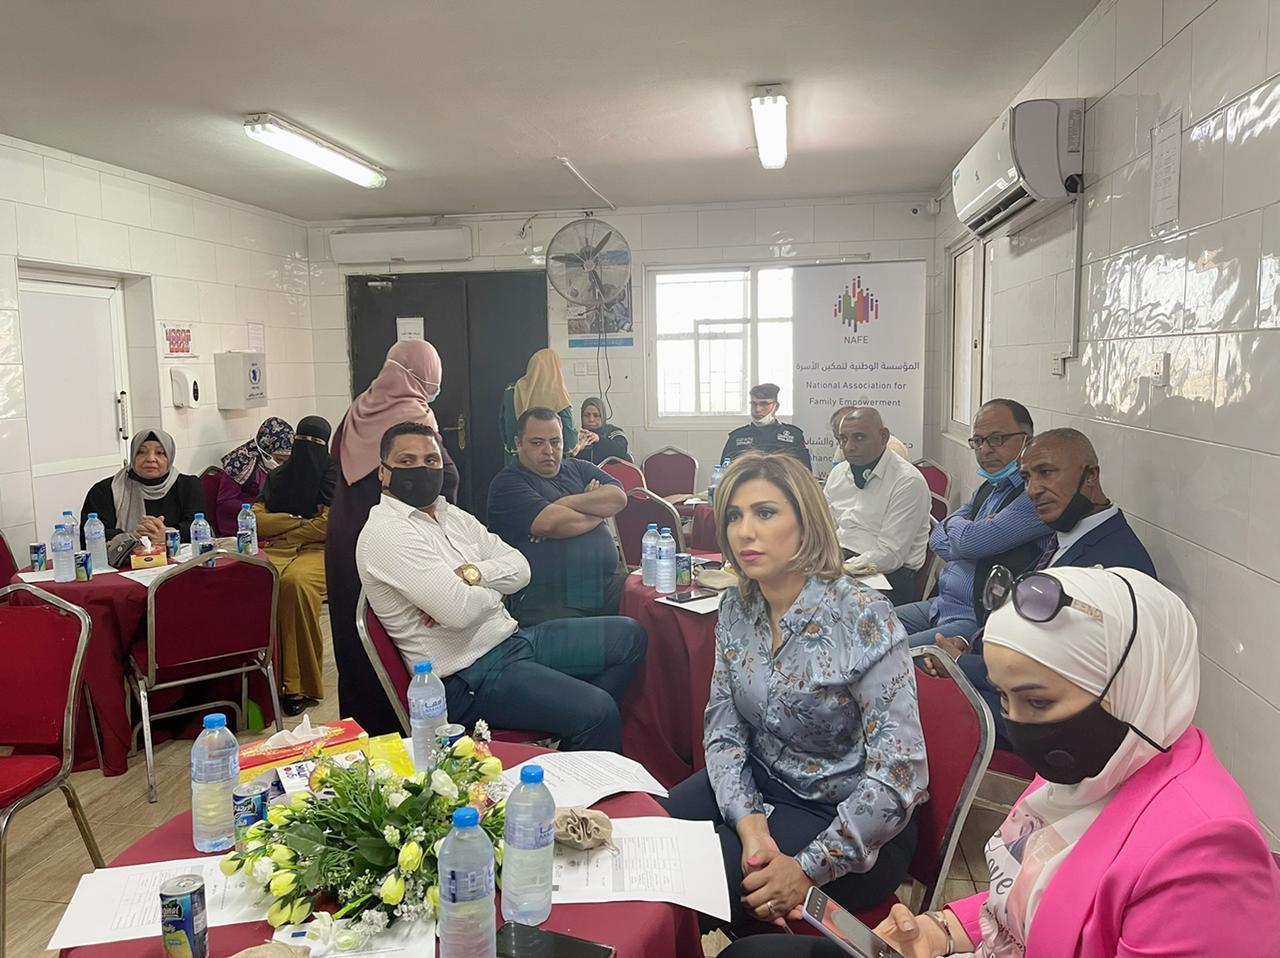 """الكرك..إطلاق مشروع """"مجموعات الادخار والاقراض نحو الدمج الاقتصادي للمرأة والحقوق في المناطق الريفيةً"""""""